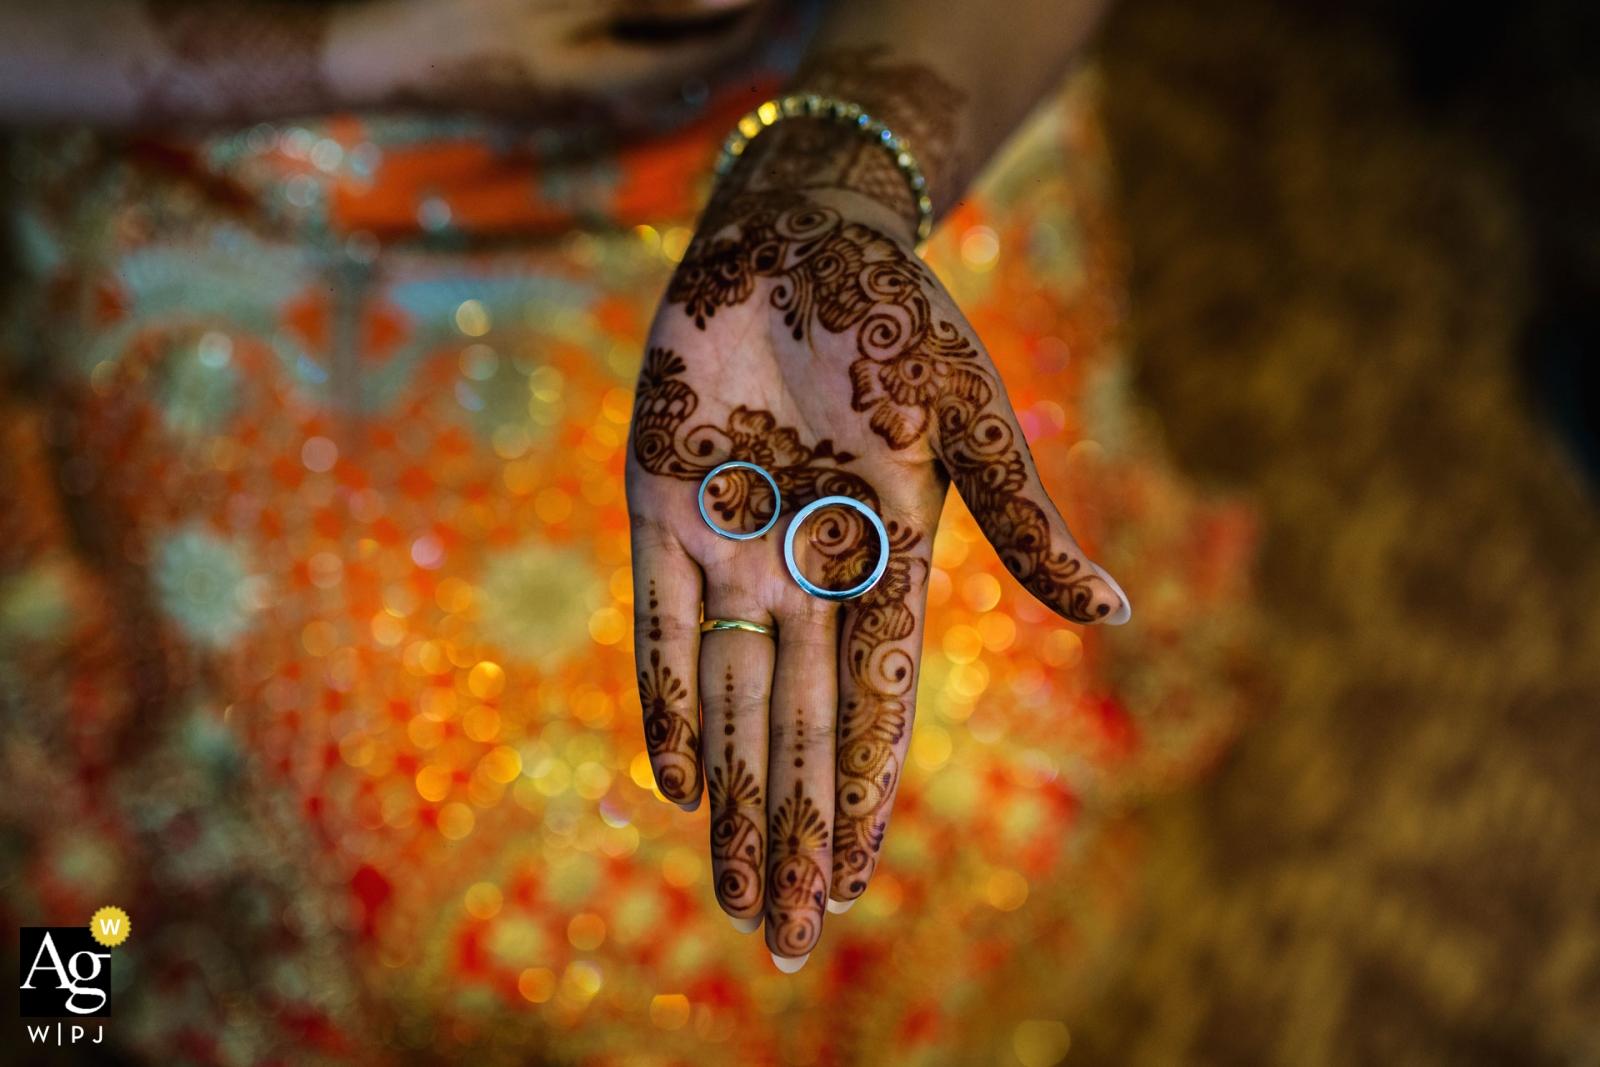 圓環斯里蘭卡藝術性的創造性的攝影細節在新娘的手上的有無刺指甲花的